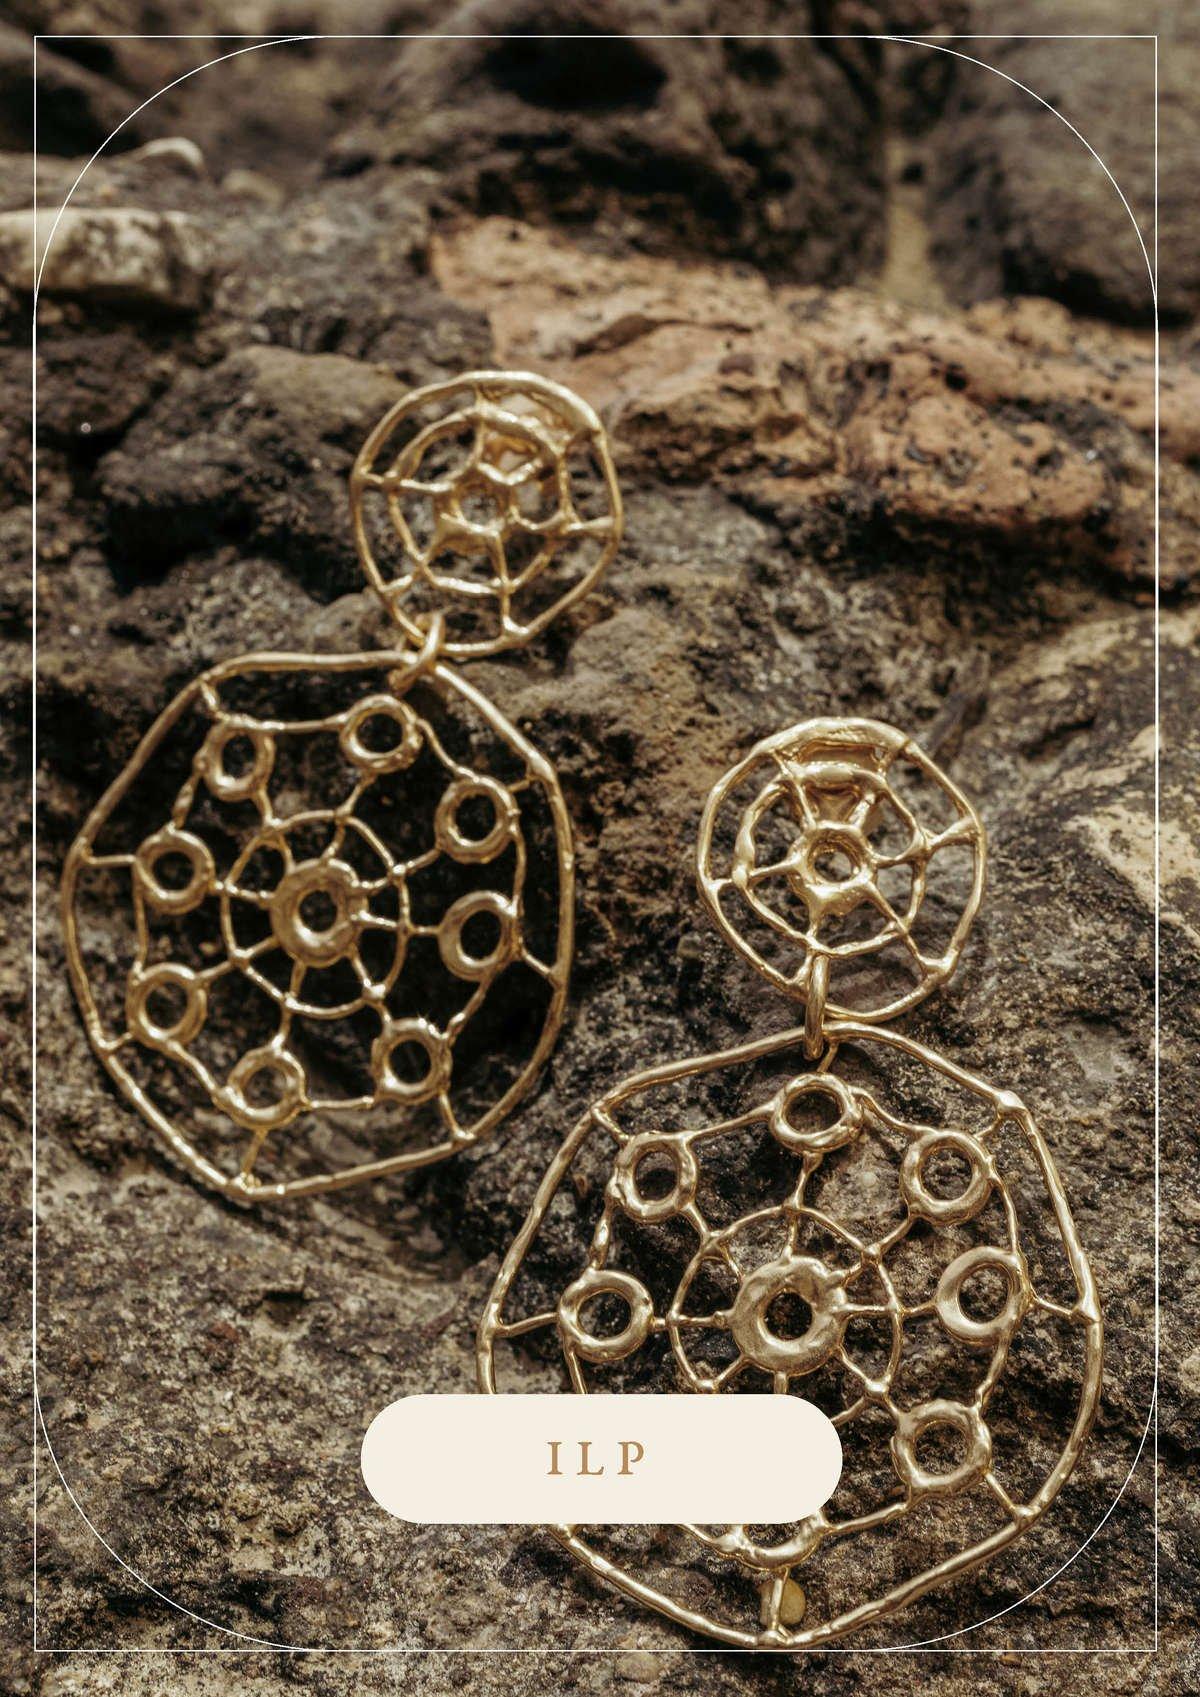 Collezione ILP   Gioielli scultorei fatti a mano da Giulia Barela